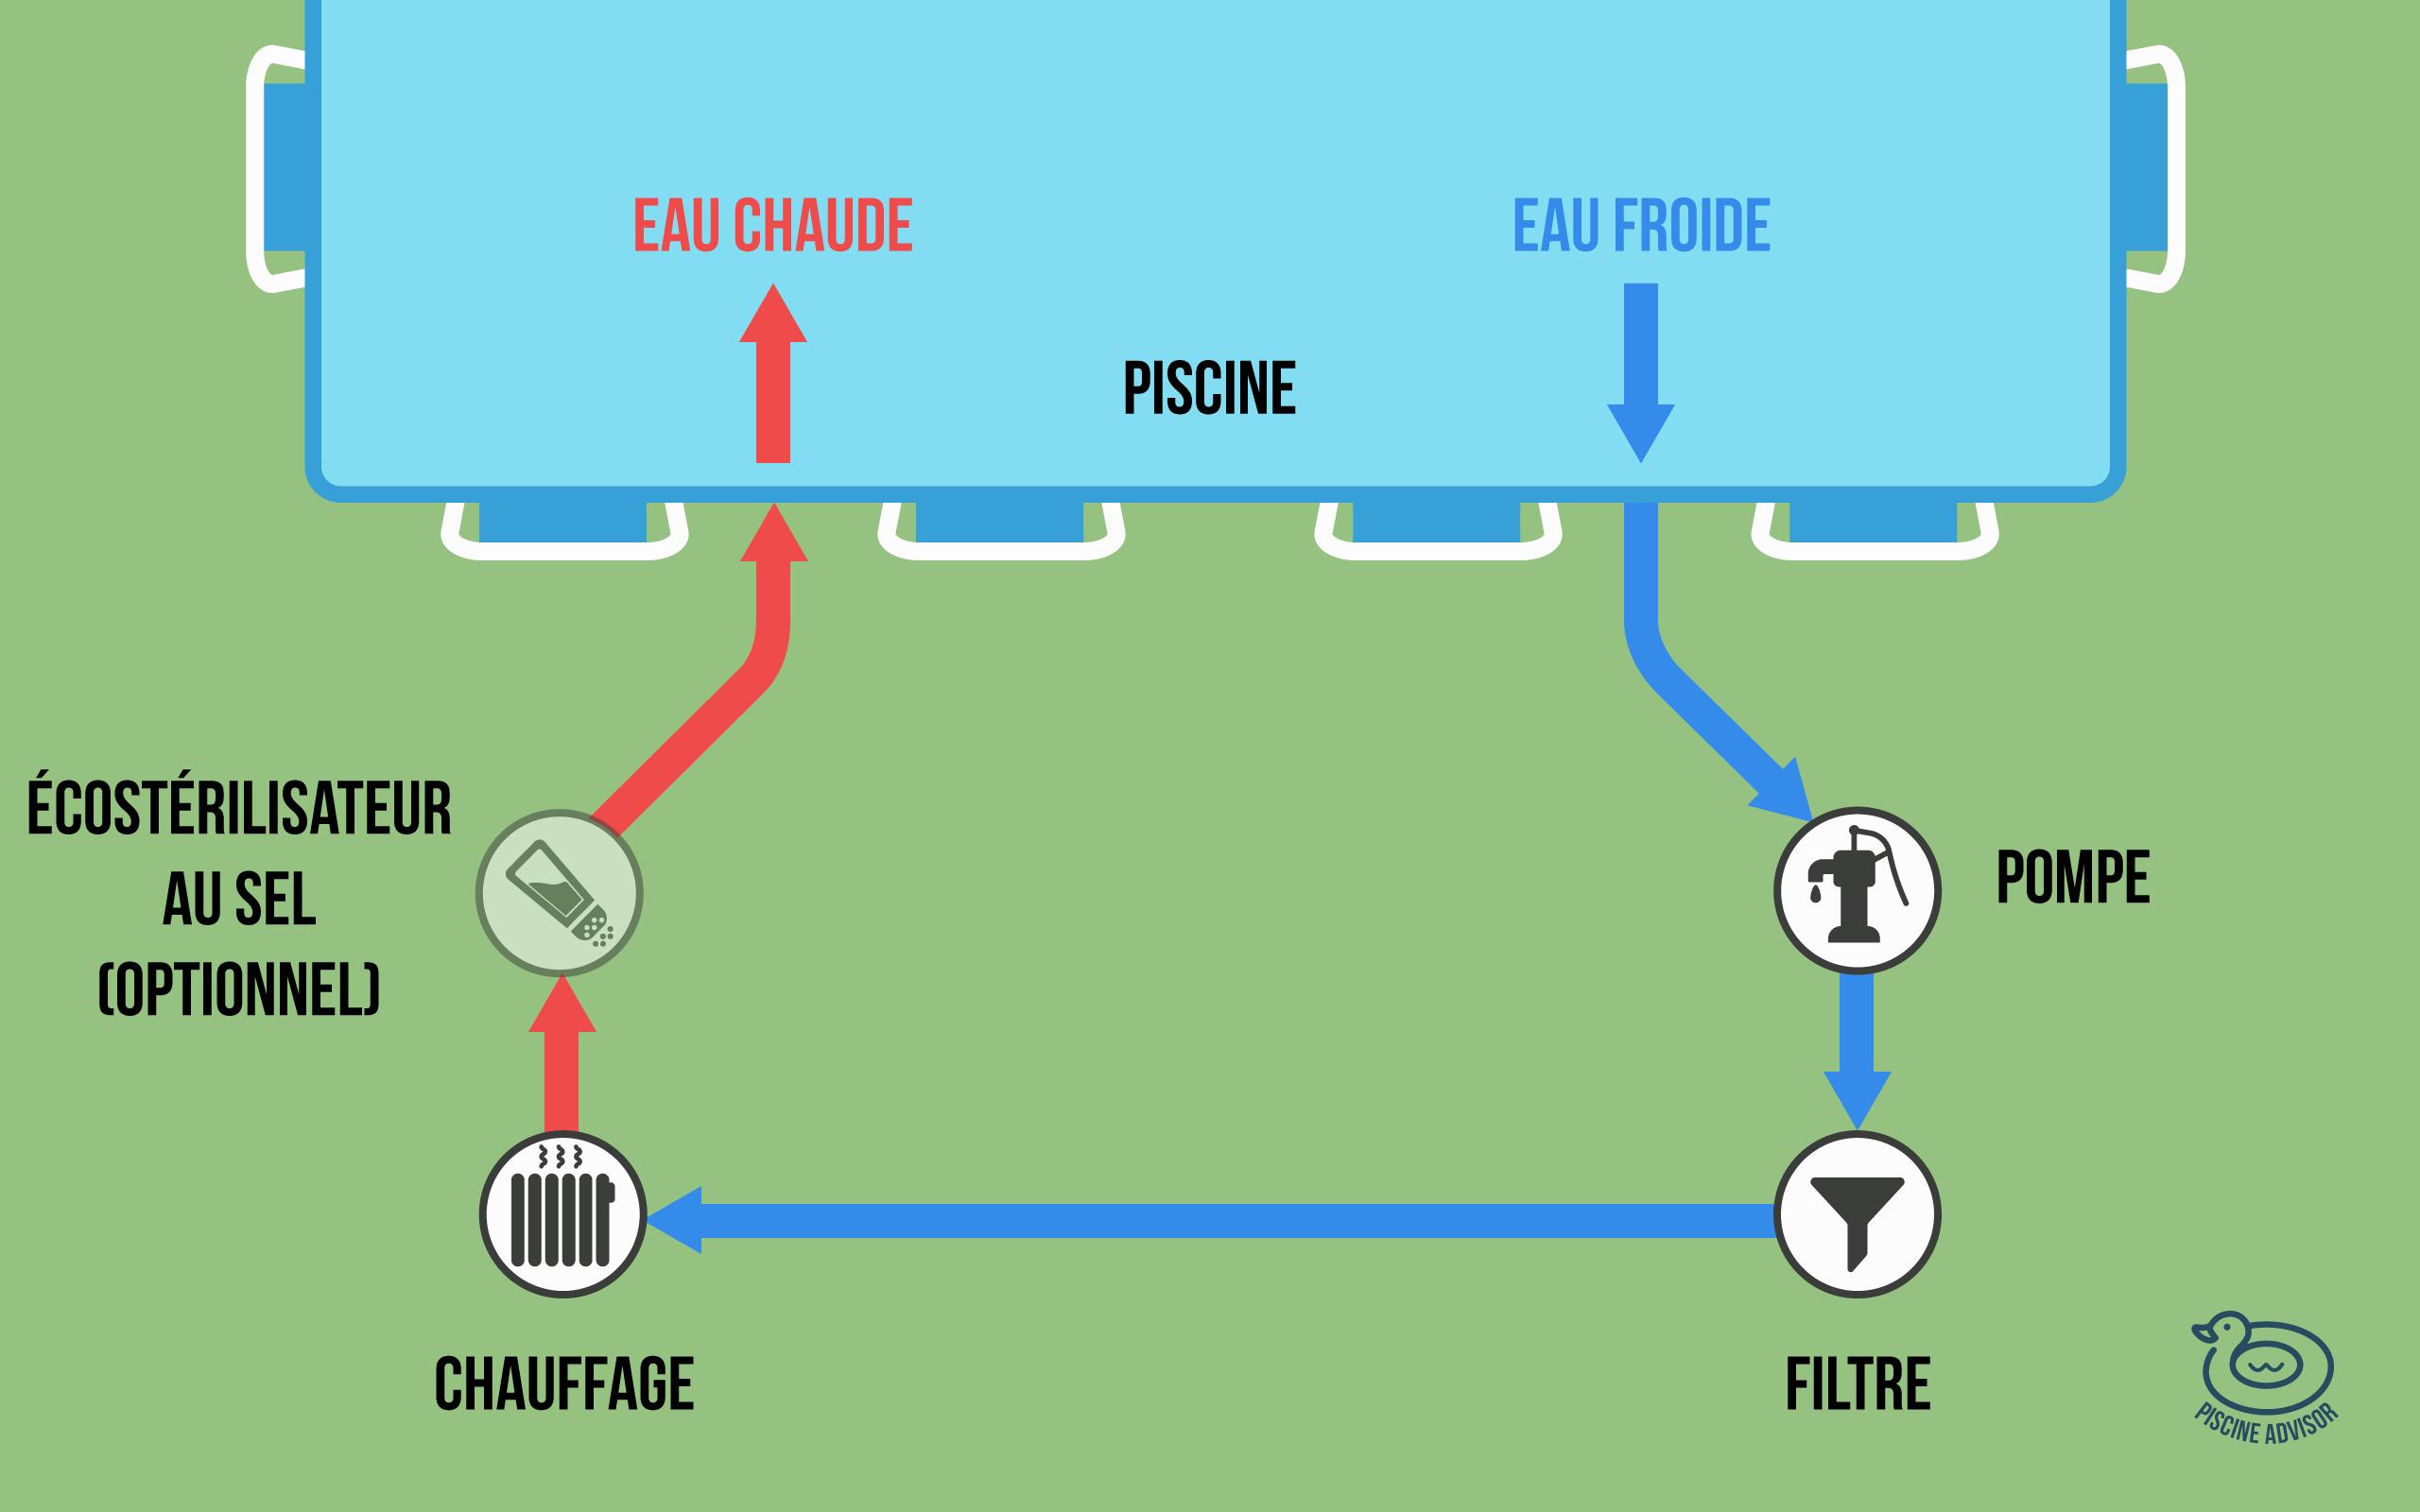 Chauffage Piscine Hors Sol : Toutes Les Solutions ... dedans Chauffage Pour Piscine Hors Sol